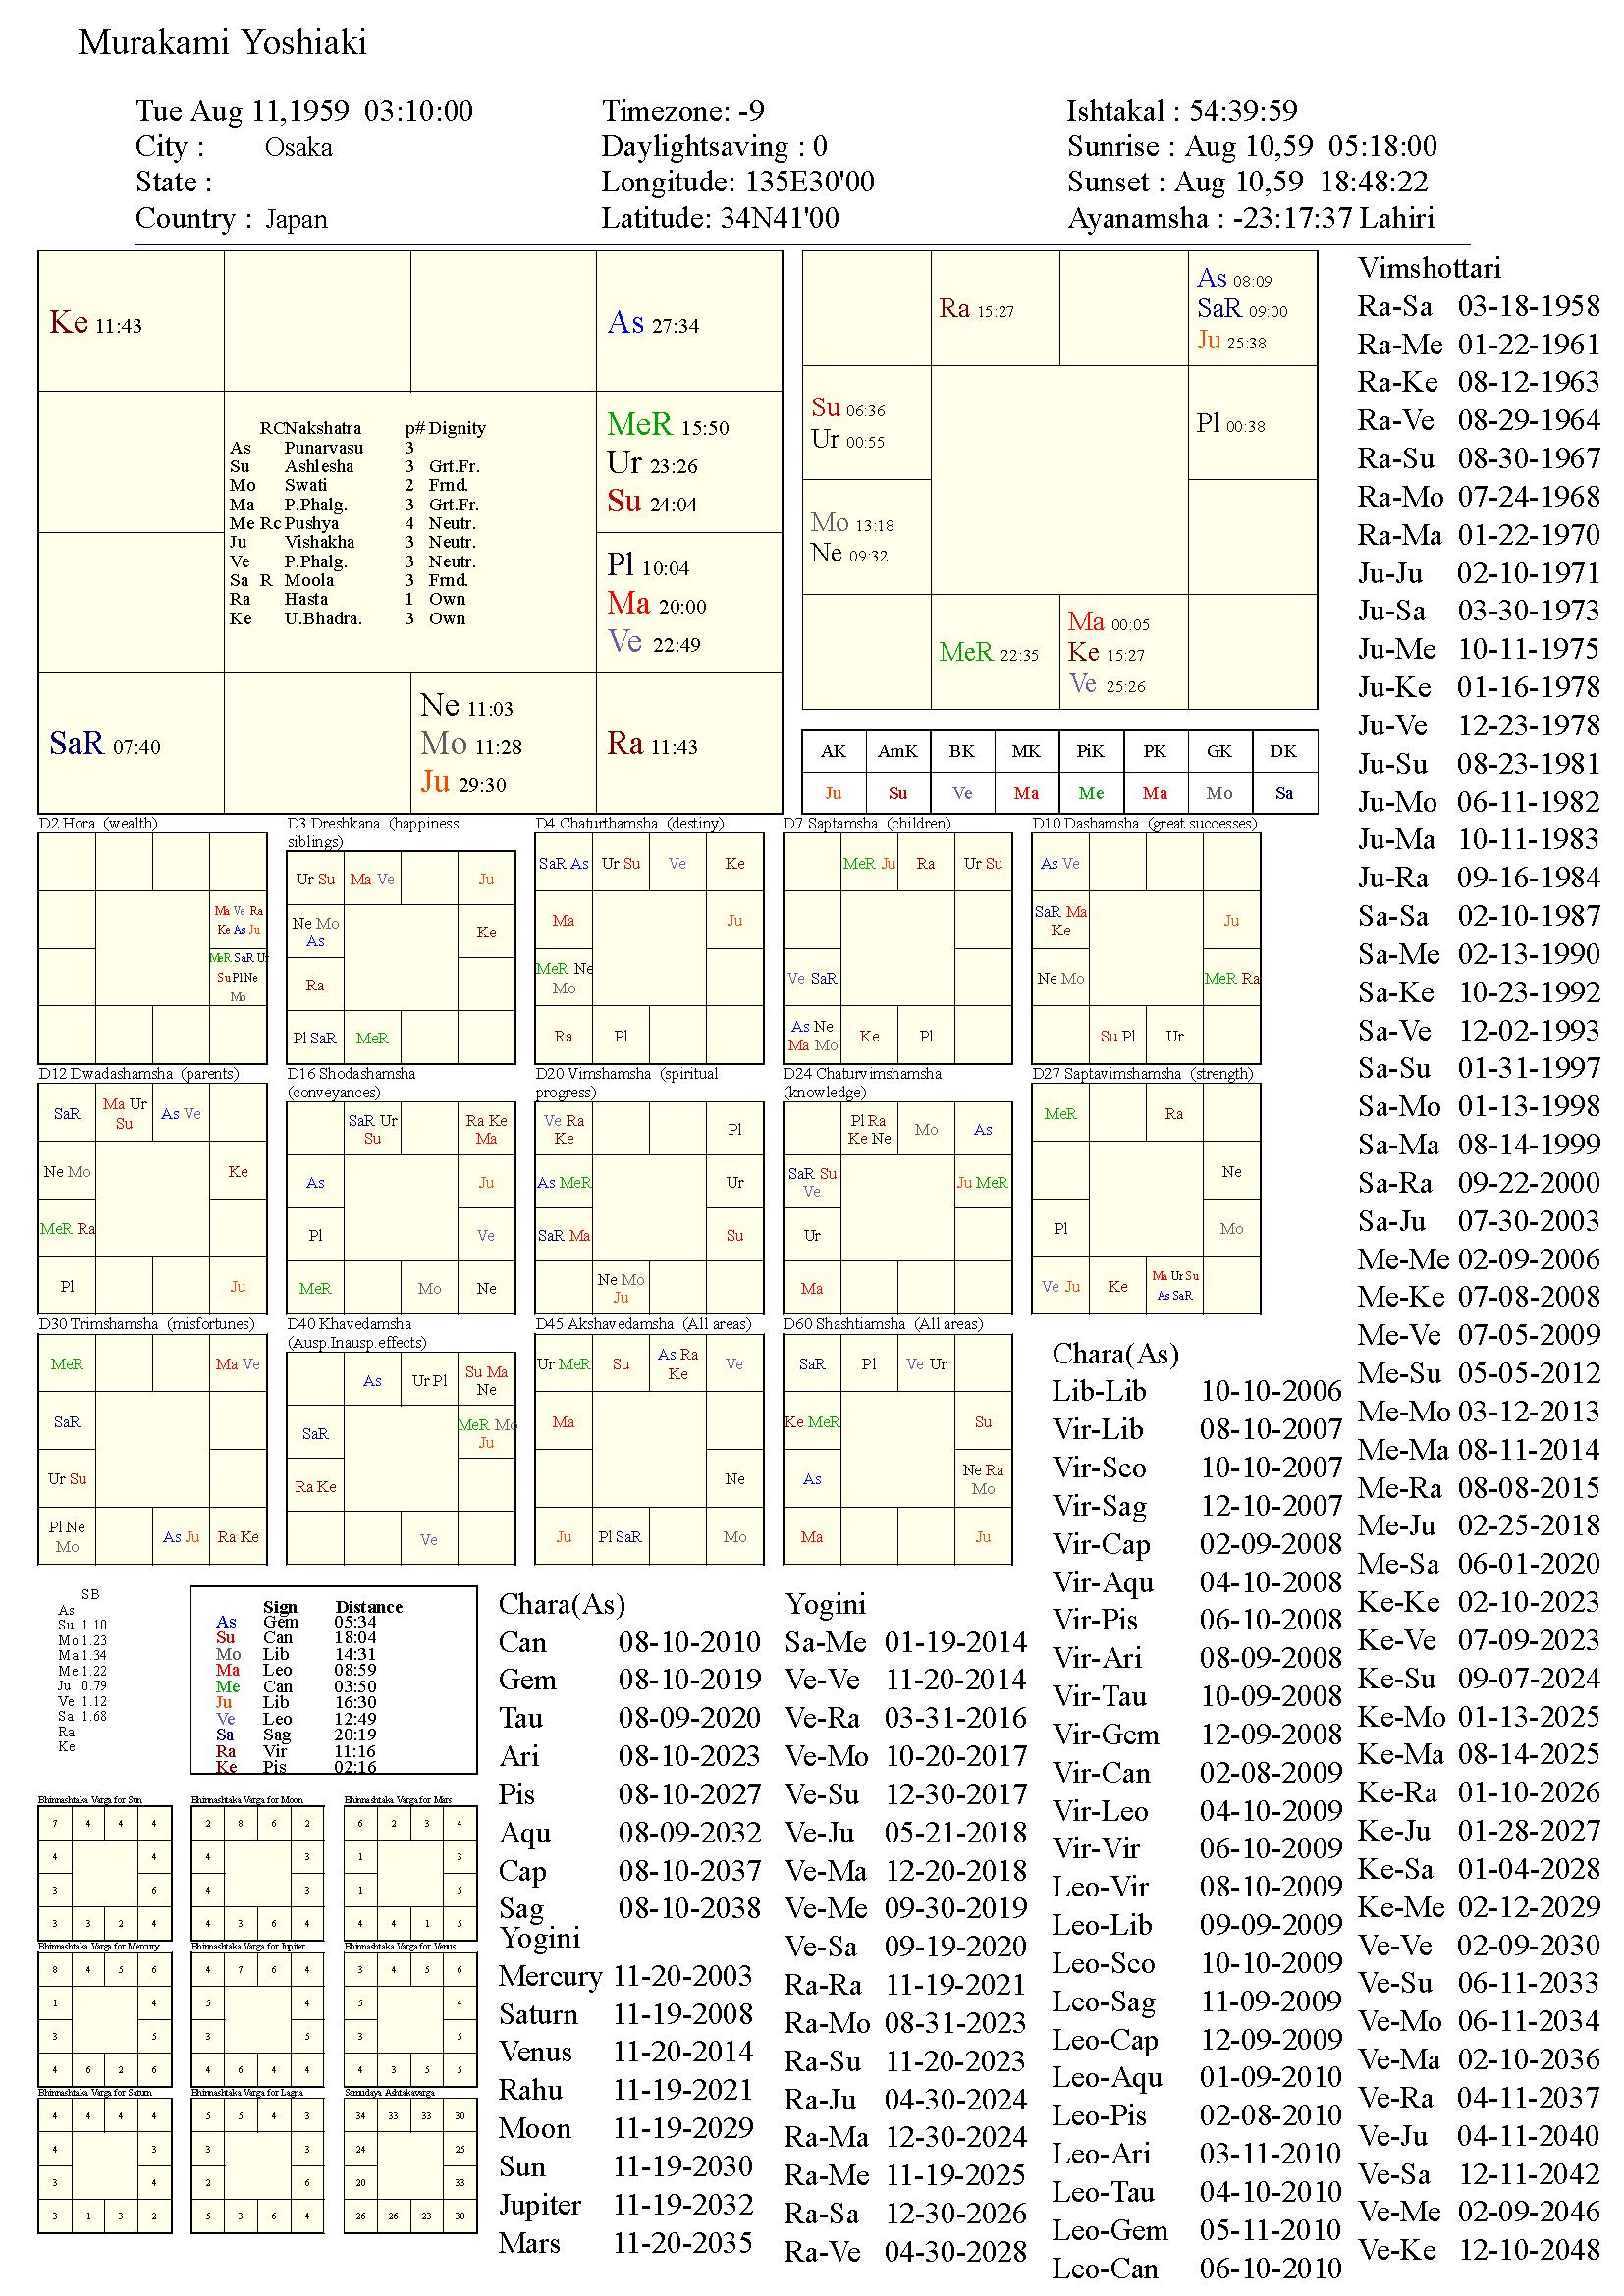 murakamiyoshiaki_chart